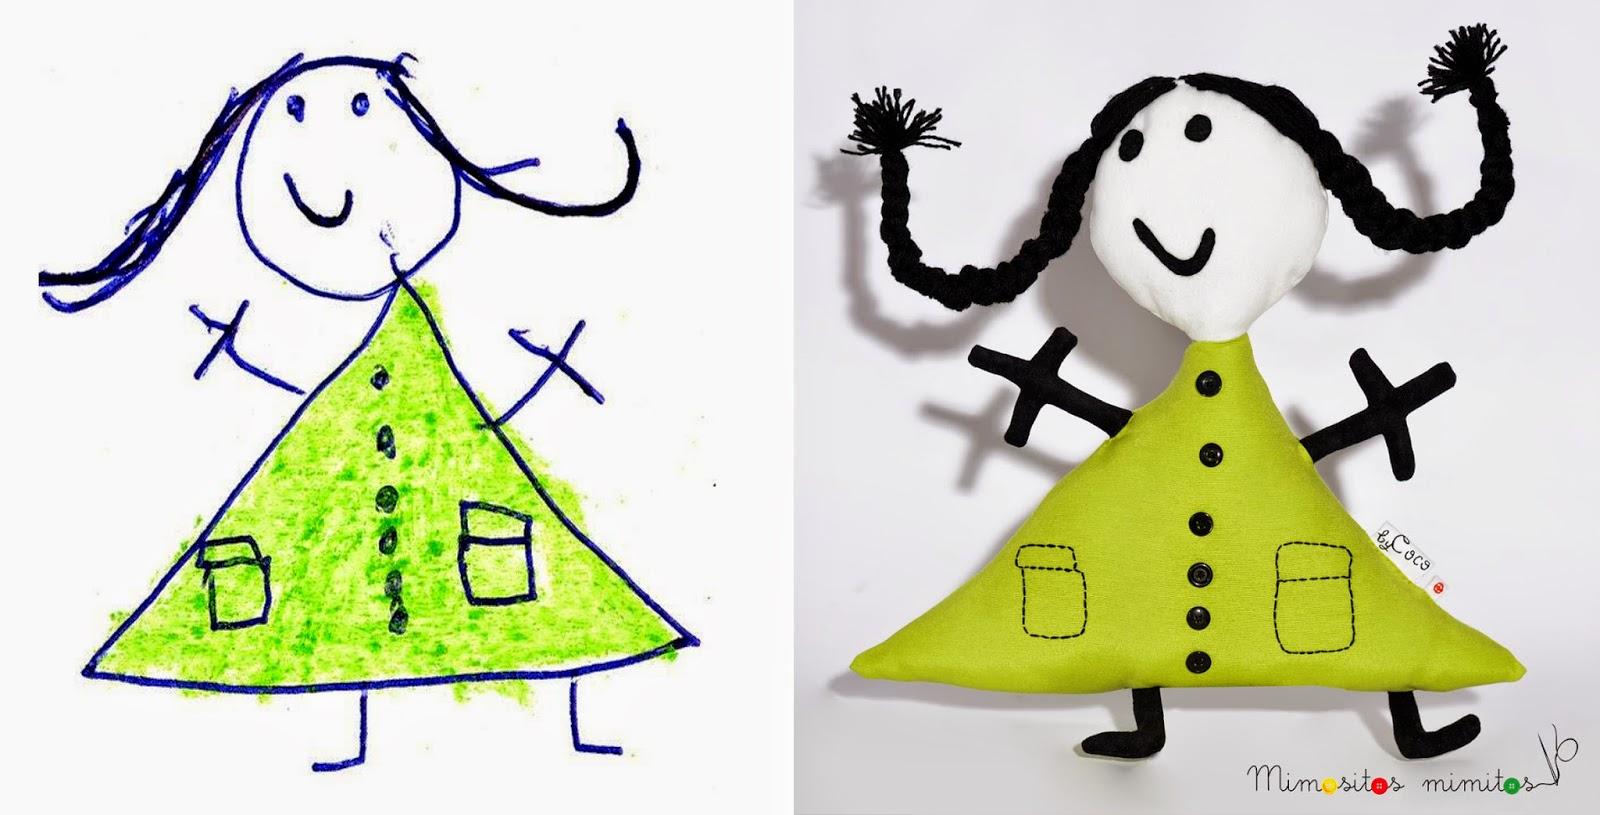 Coco Peluches Dibujos Niños Muñeco Tela Personalizado